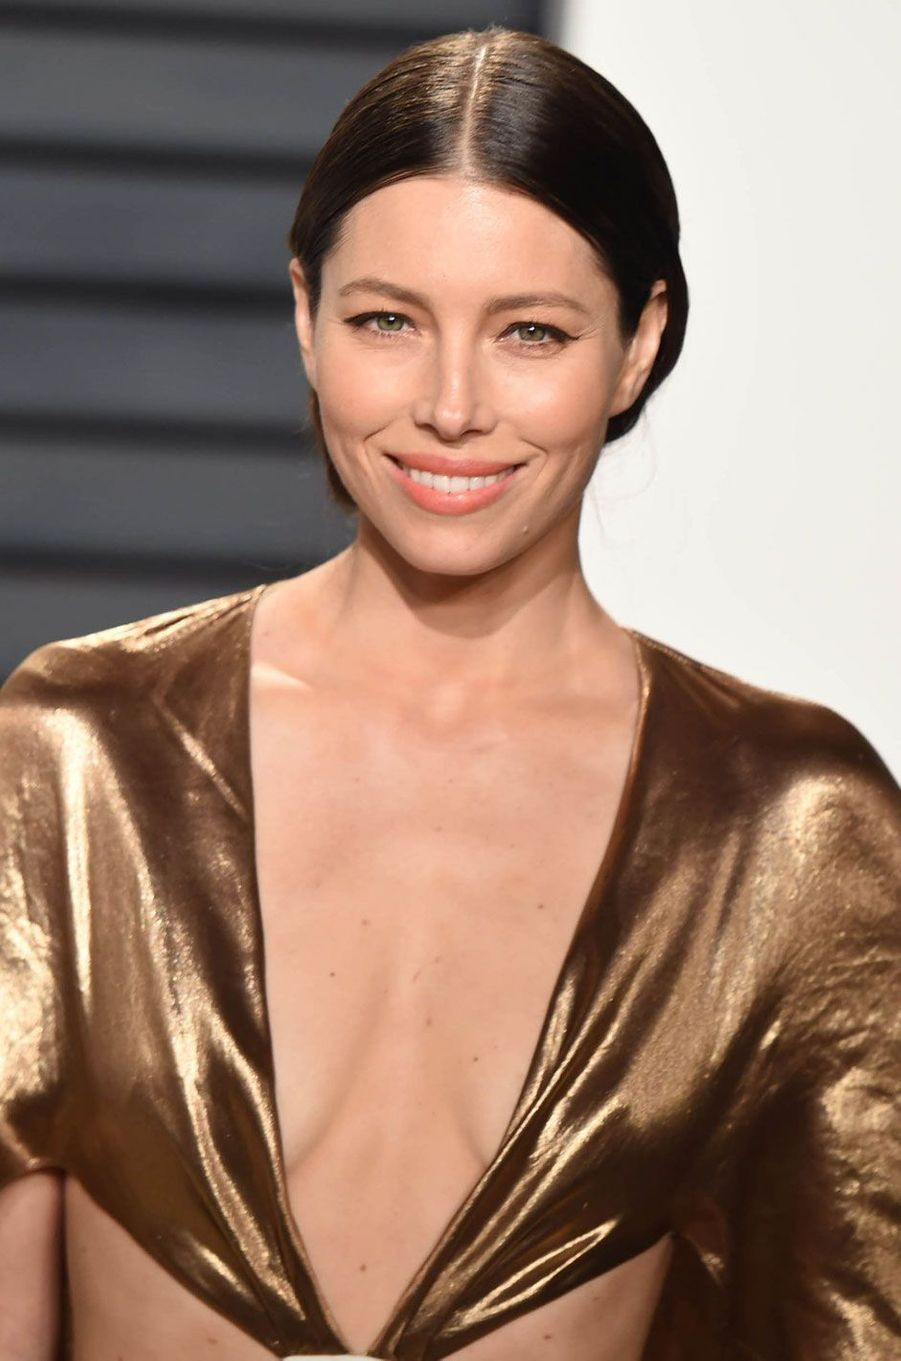 Jessica Biel à la soirée Vanity Fair après la cérémonie des Oscars.